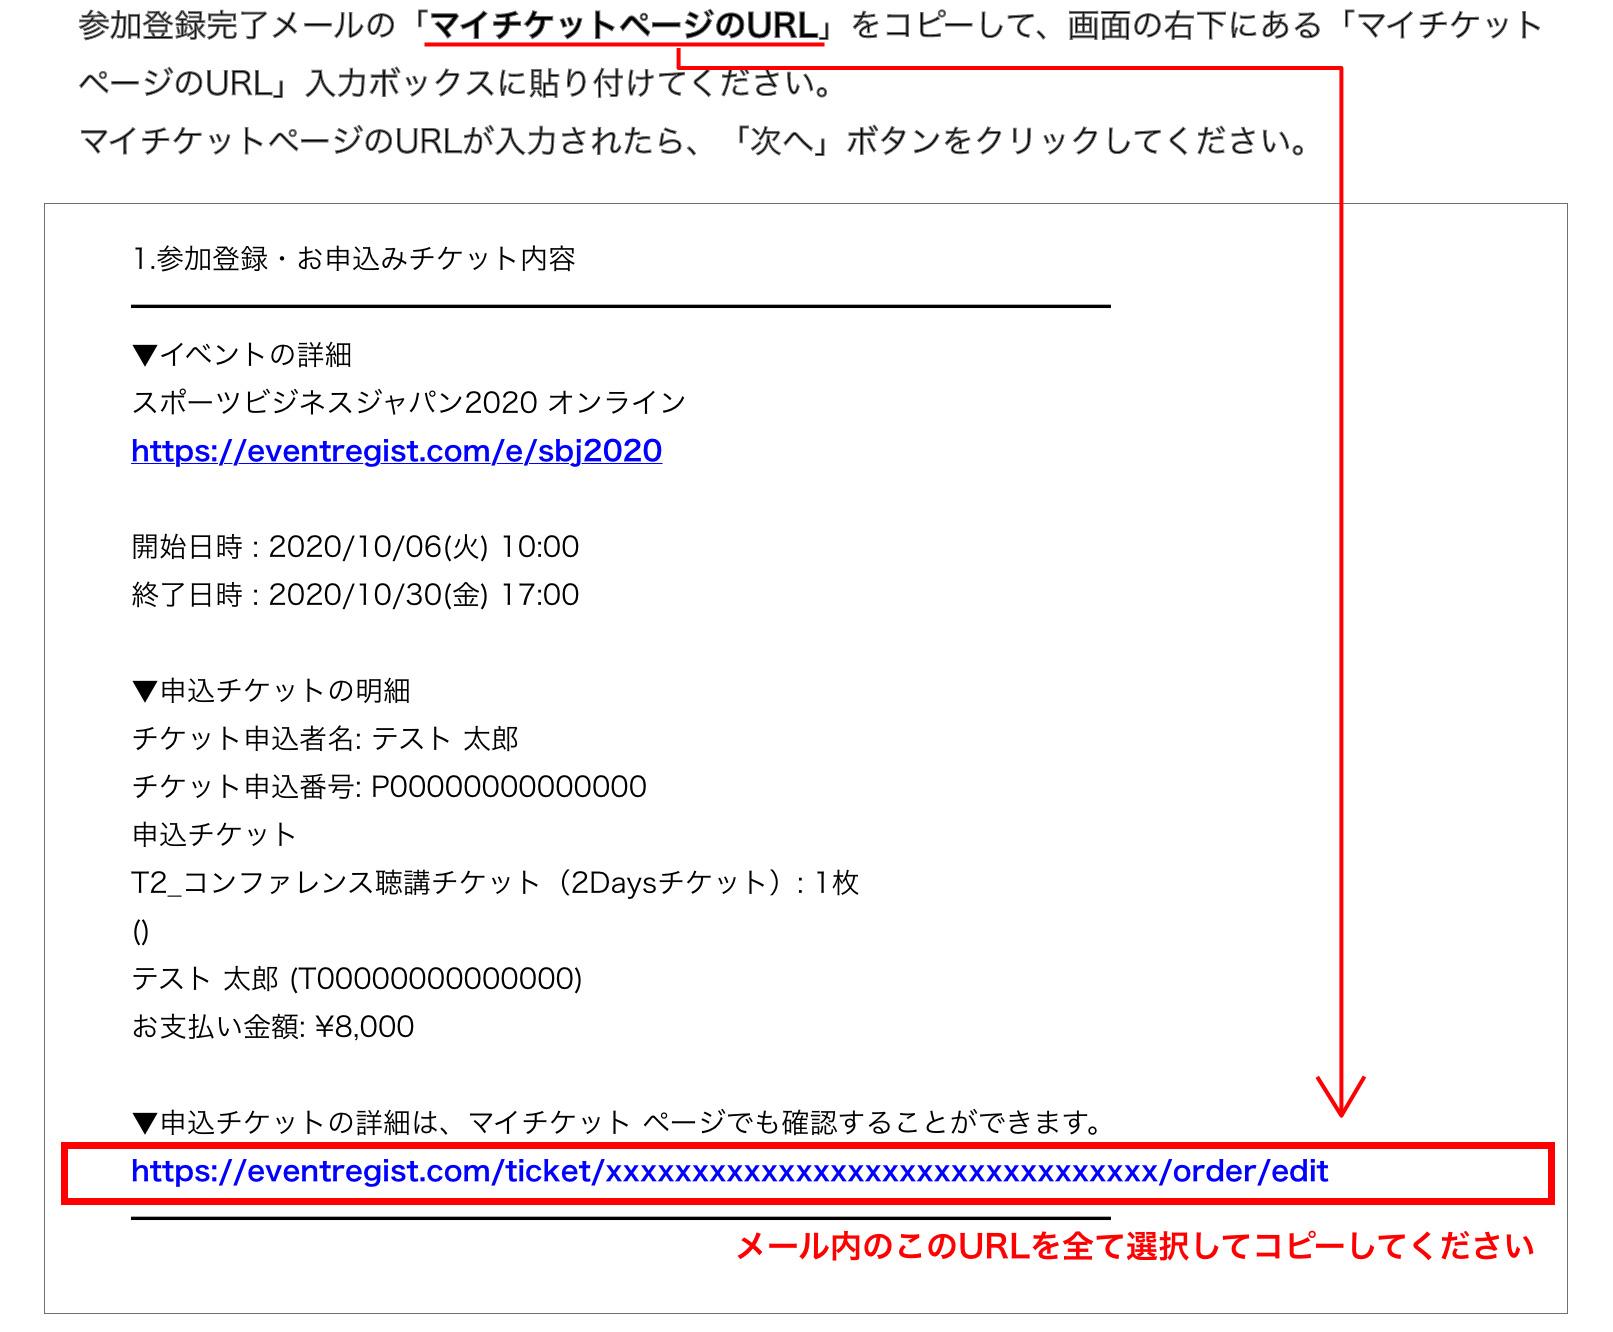 メールの件名【スポーツビジネスジャパン2020 オンライン(10/6 開催)】来場方法について(参加登録完了メール)のマイチケットページのURLを入力してください。